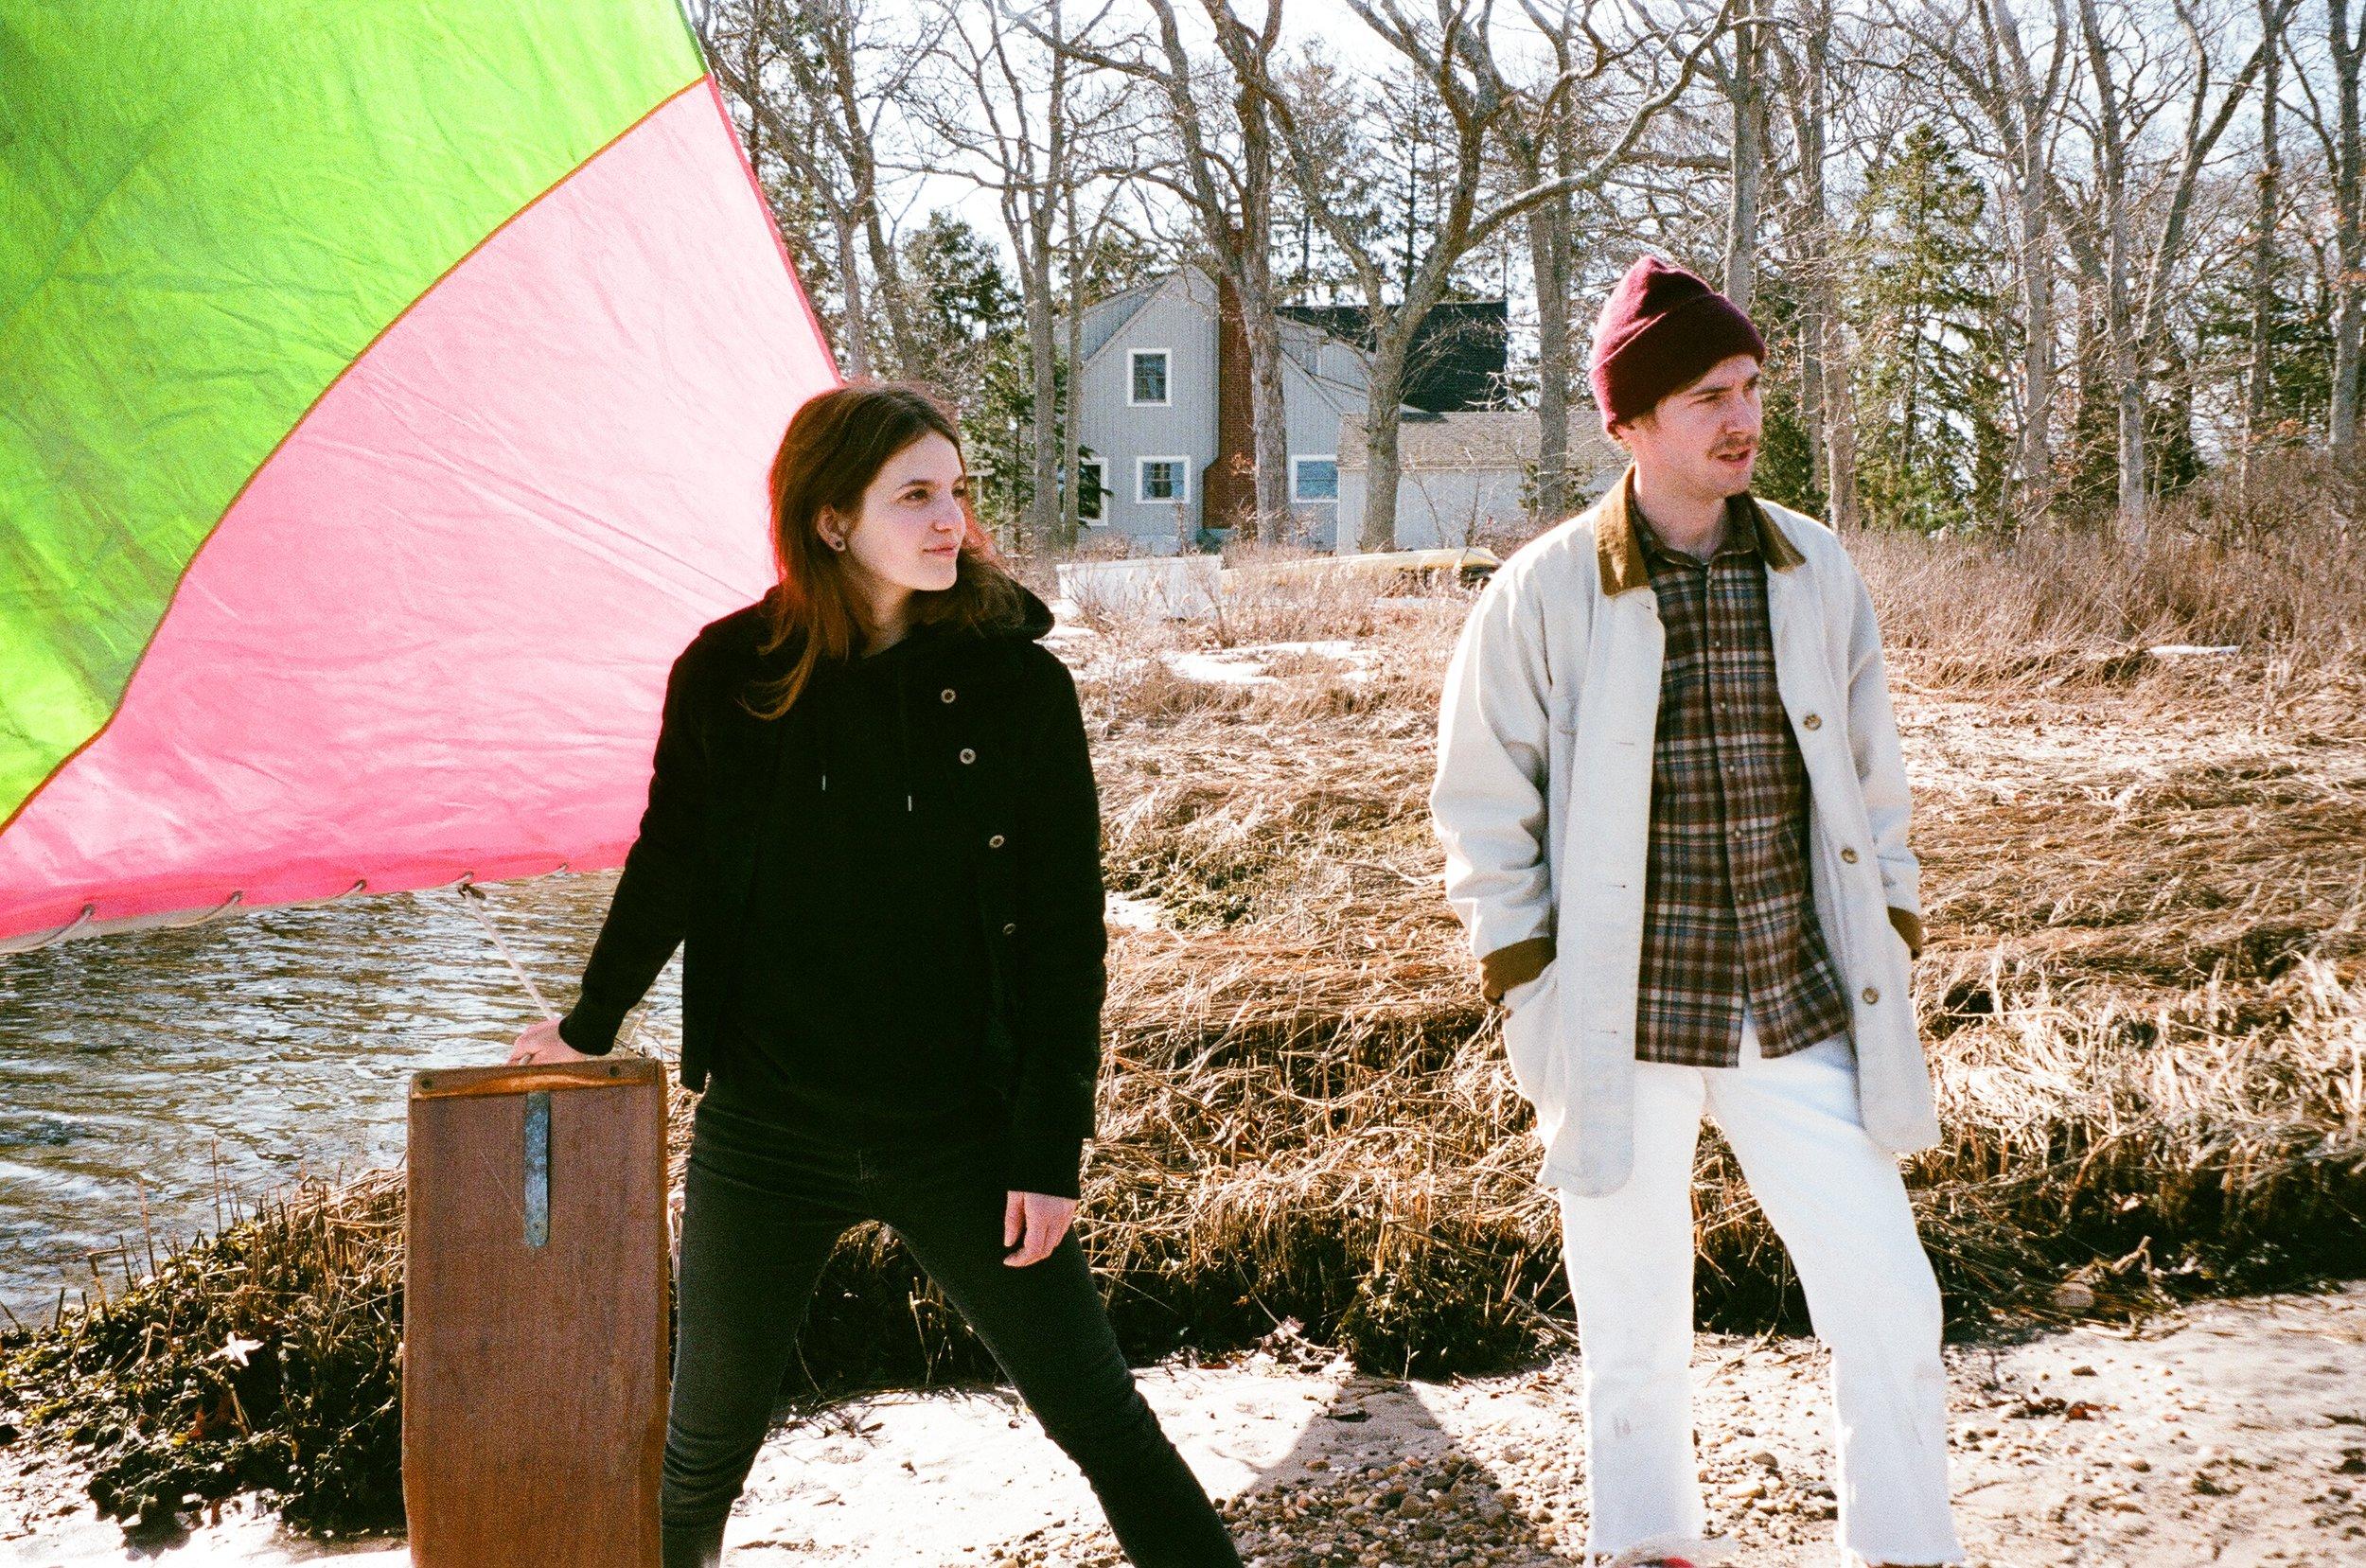 Leads Sara Harper and Delano Montgomery